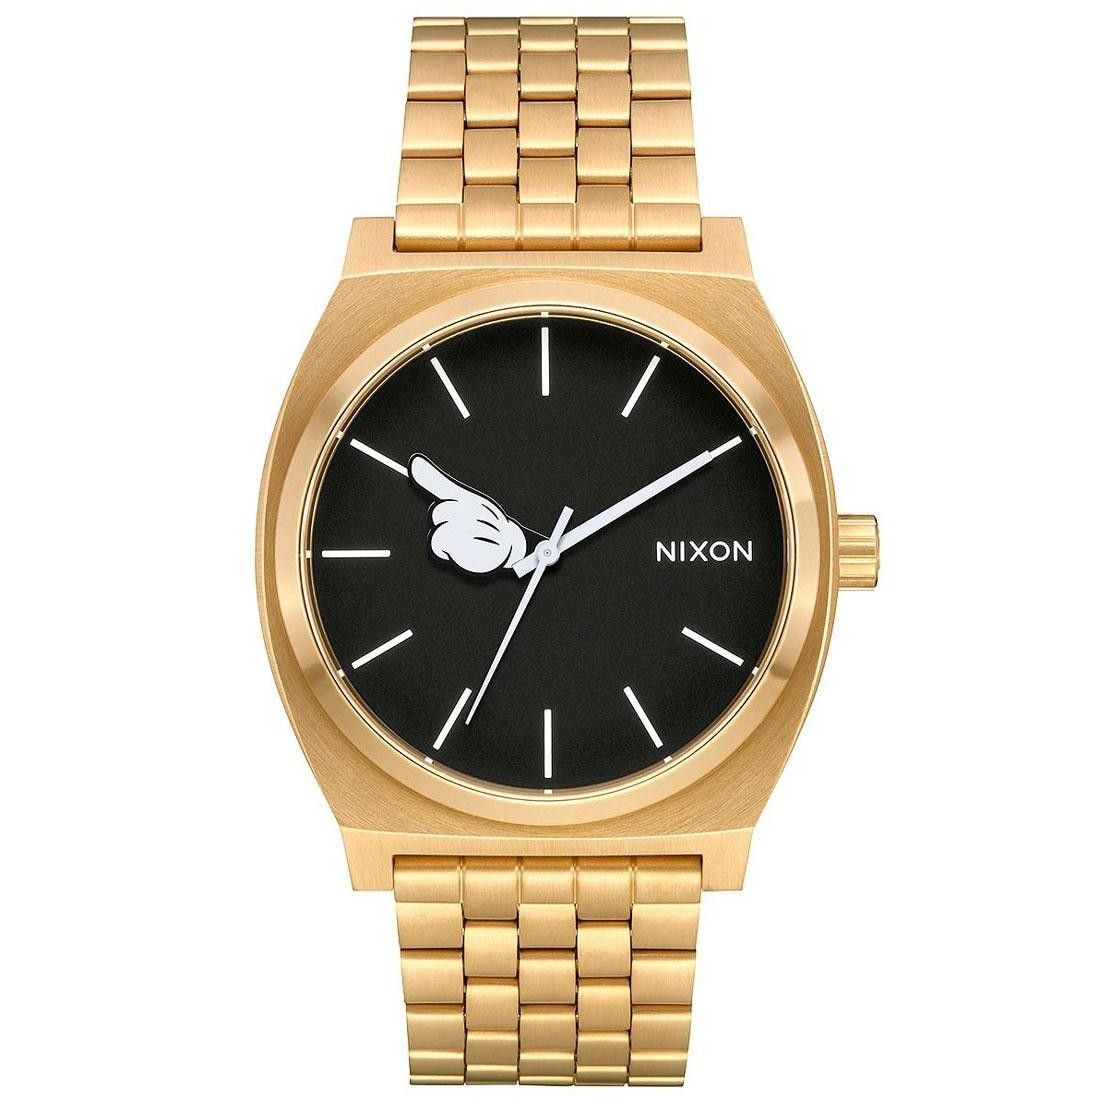 Nixon x Disney Time Teller Gold Watch - One Glove (gold / hand)